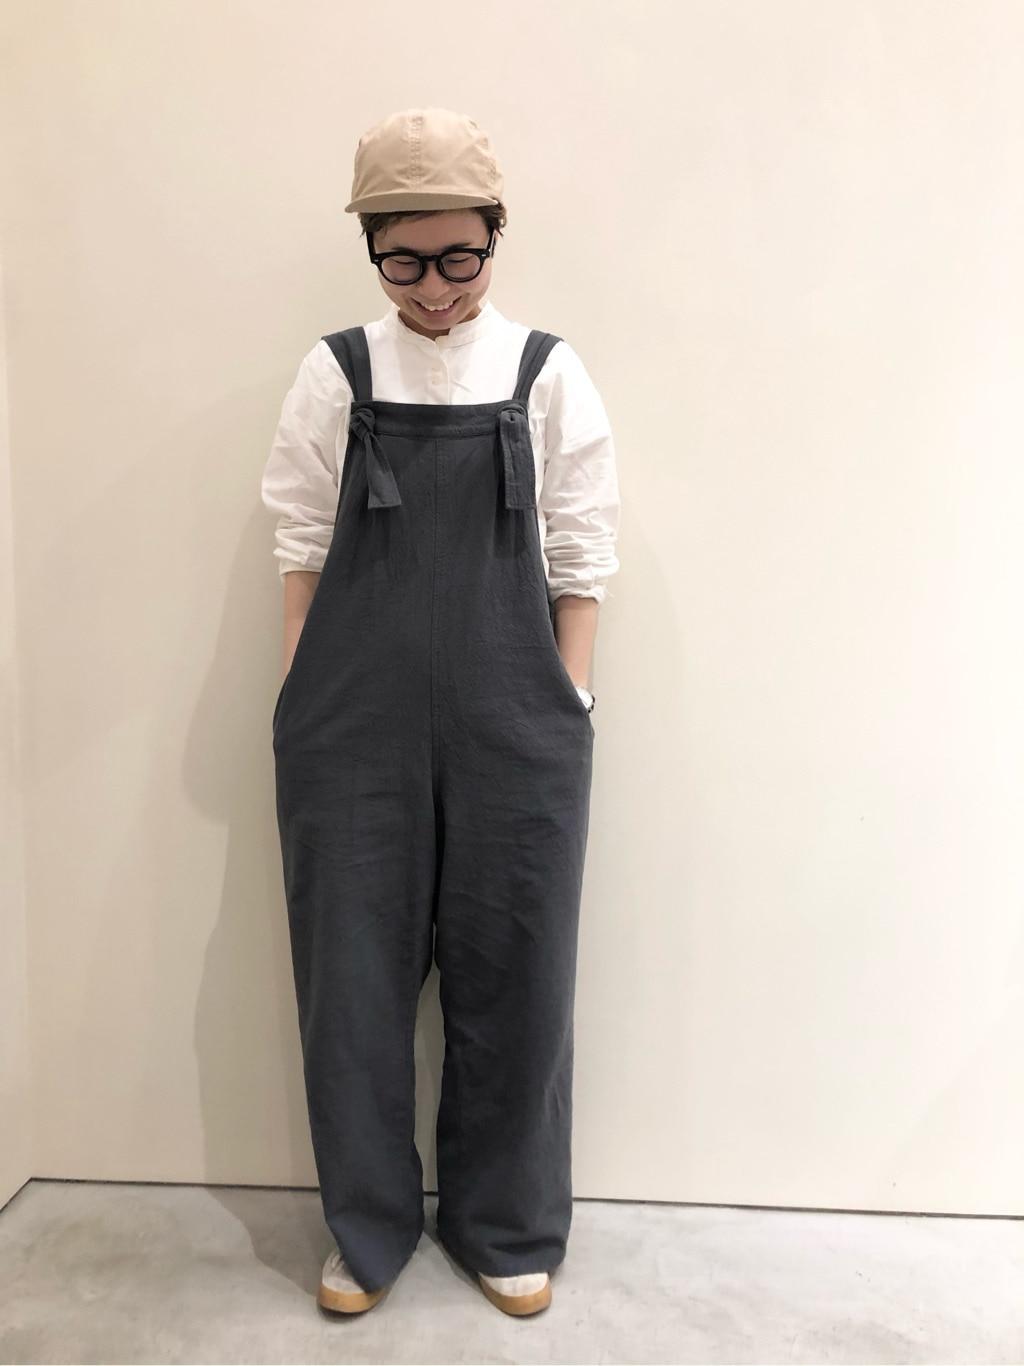 - CHILD WOMAN CHILD WOMAN , PAR ICI 新宿ミロード 身長:157cm 2021.03.30